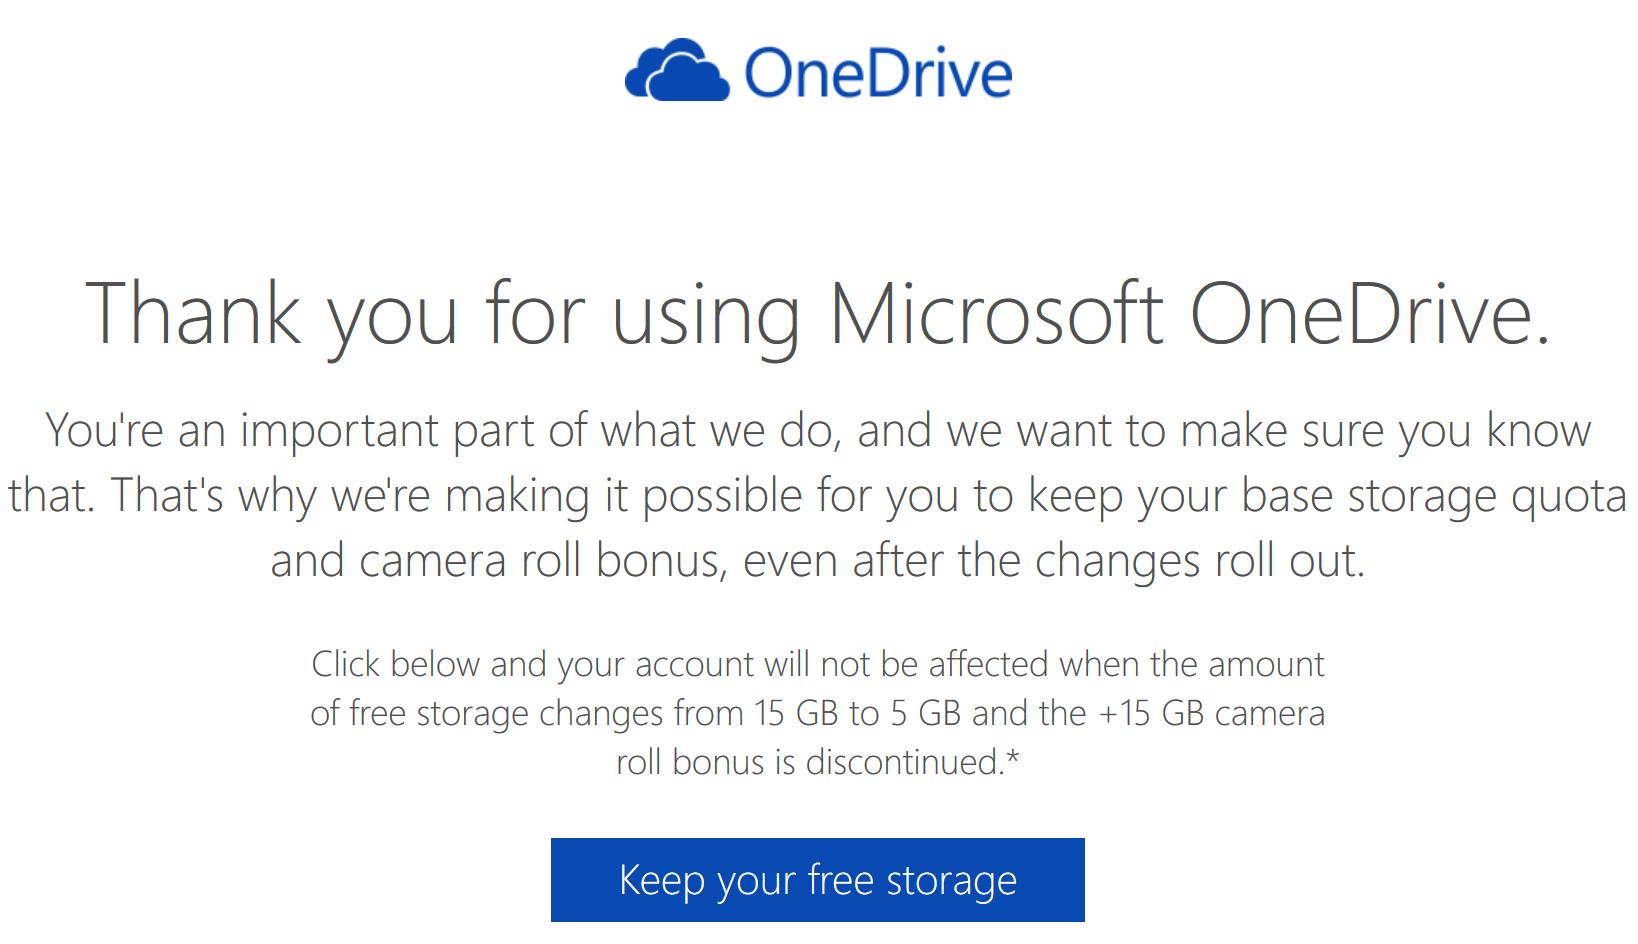 Как вернуть старый лимит в 15 ГБ в OneDrive - 2